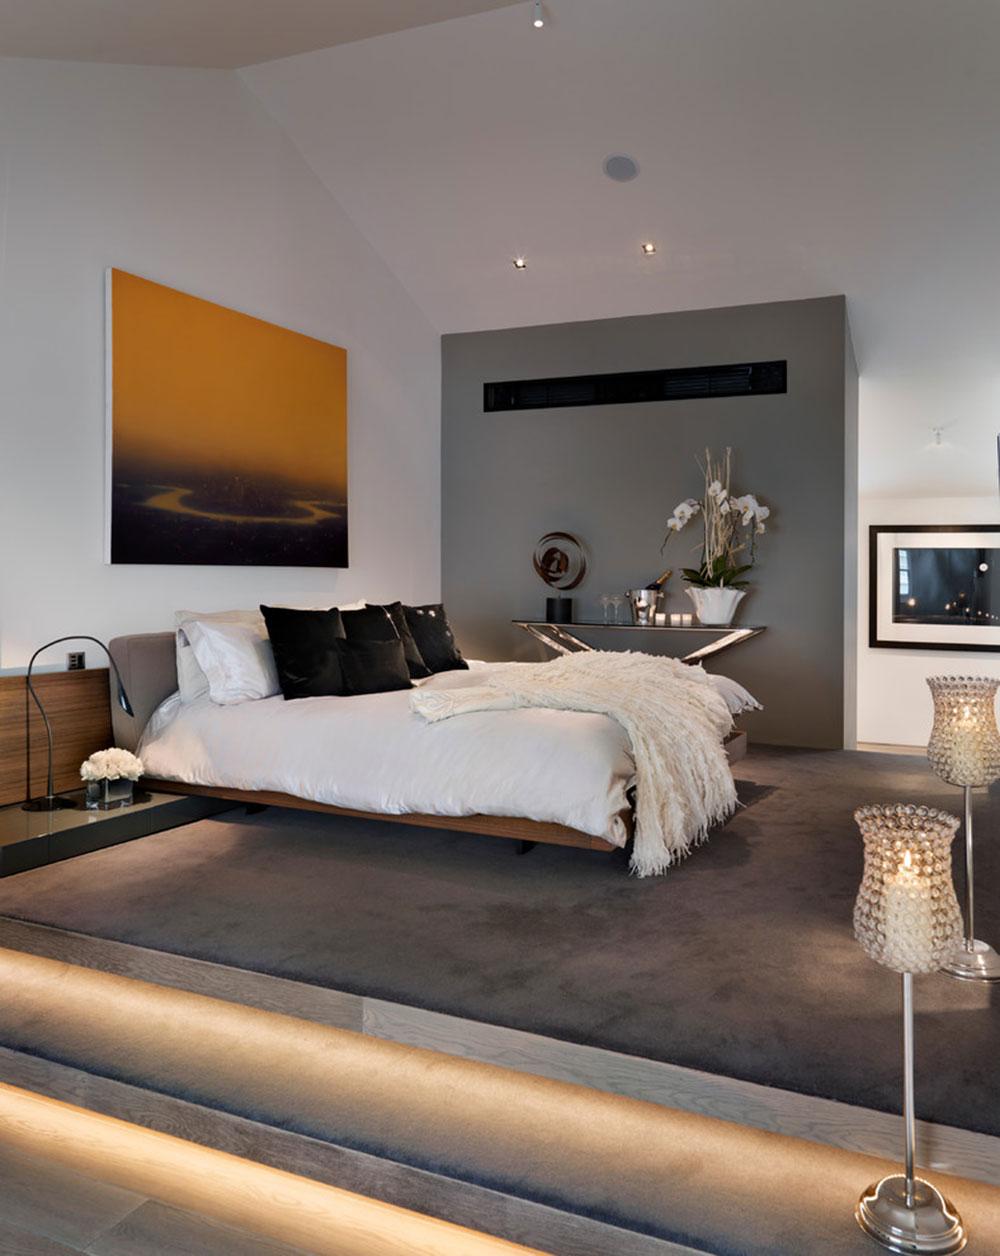 Nygifta-sovrum-design-idéer-för-att-hjälpa-paret5 nygift-sovrum-design-idéer är avsedda att hjälpa paret